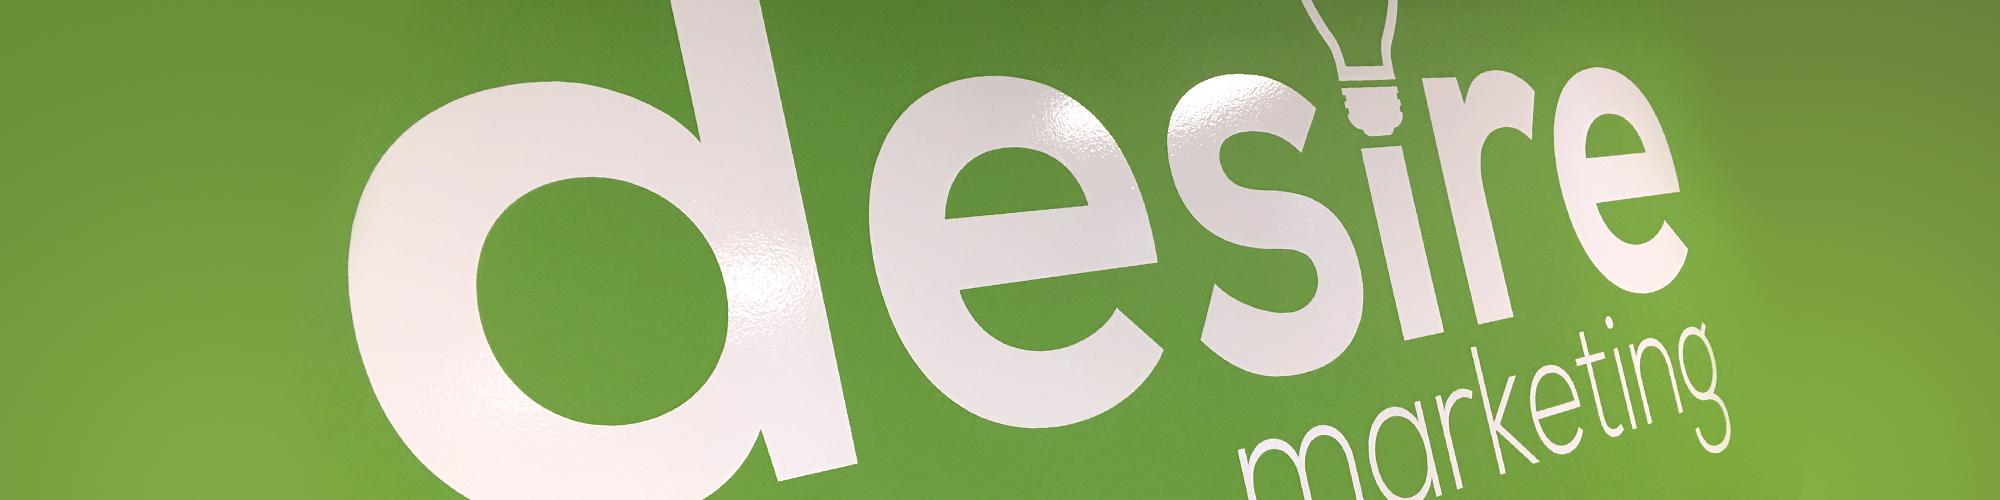 Desire webiste header